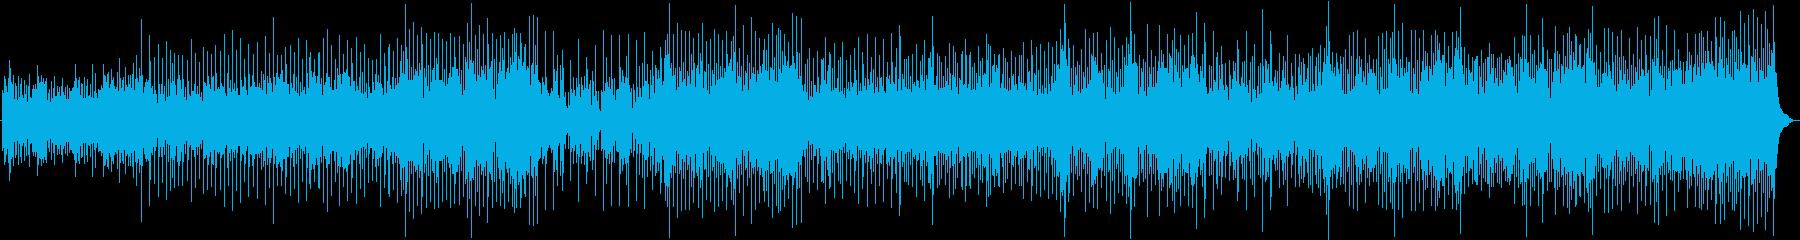 マンドリン、ピアノ、アコースティッ...の再生済みの波形